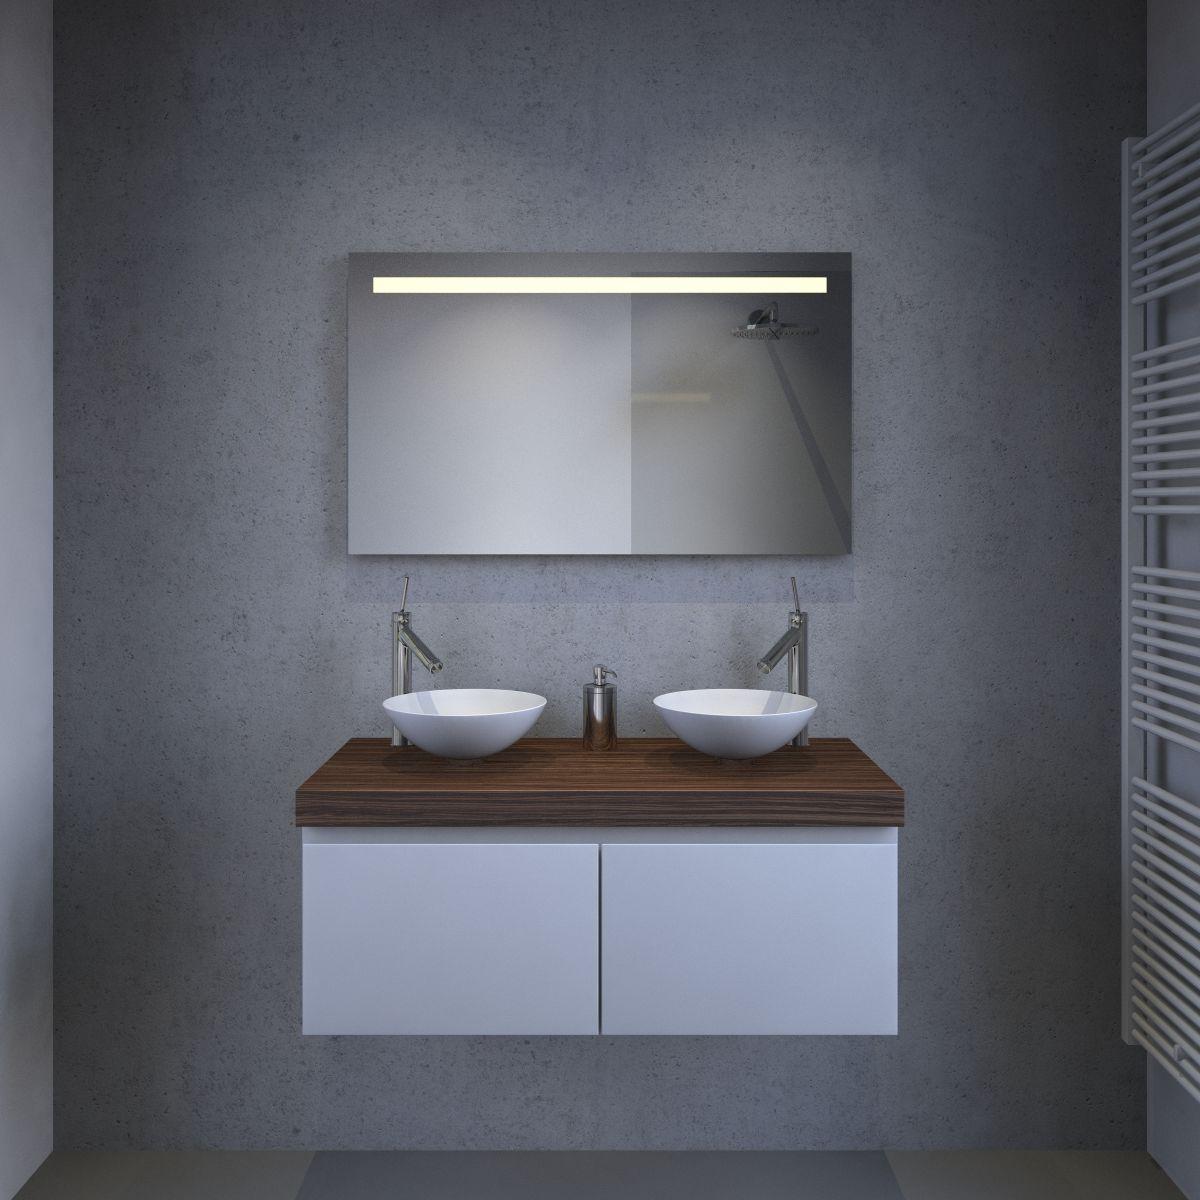 Badkamer spiegel met stopcontact, verlichting en spiegel verwarming ...